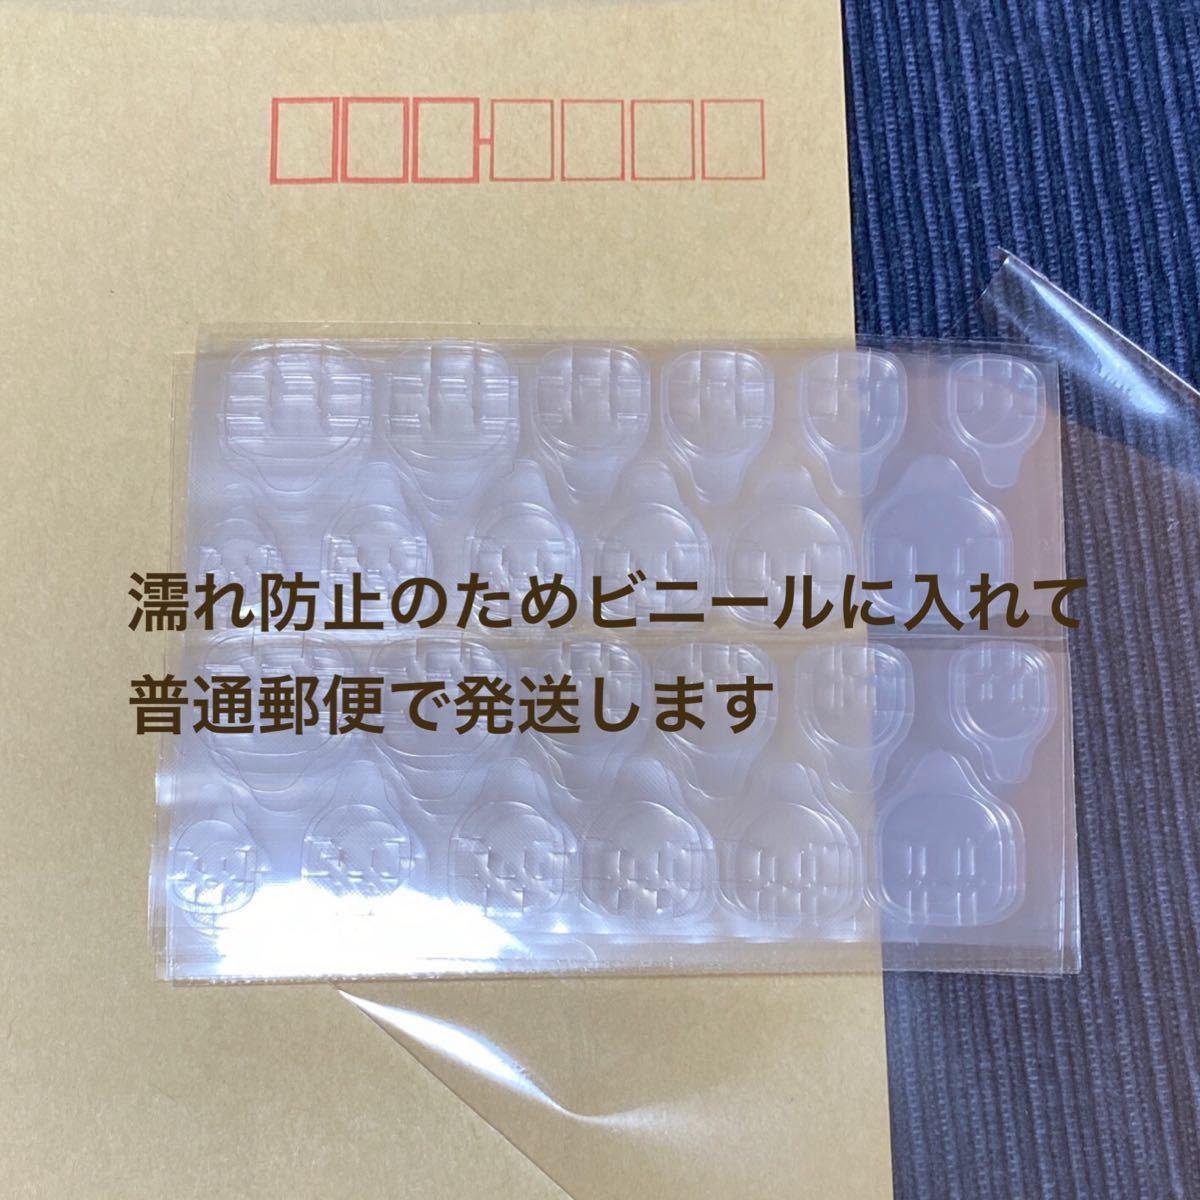 ネイルチップ 付け爪 つけ爪 透明 粘着 シール ネイルグミシール 20シート